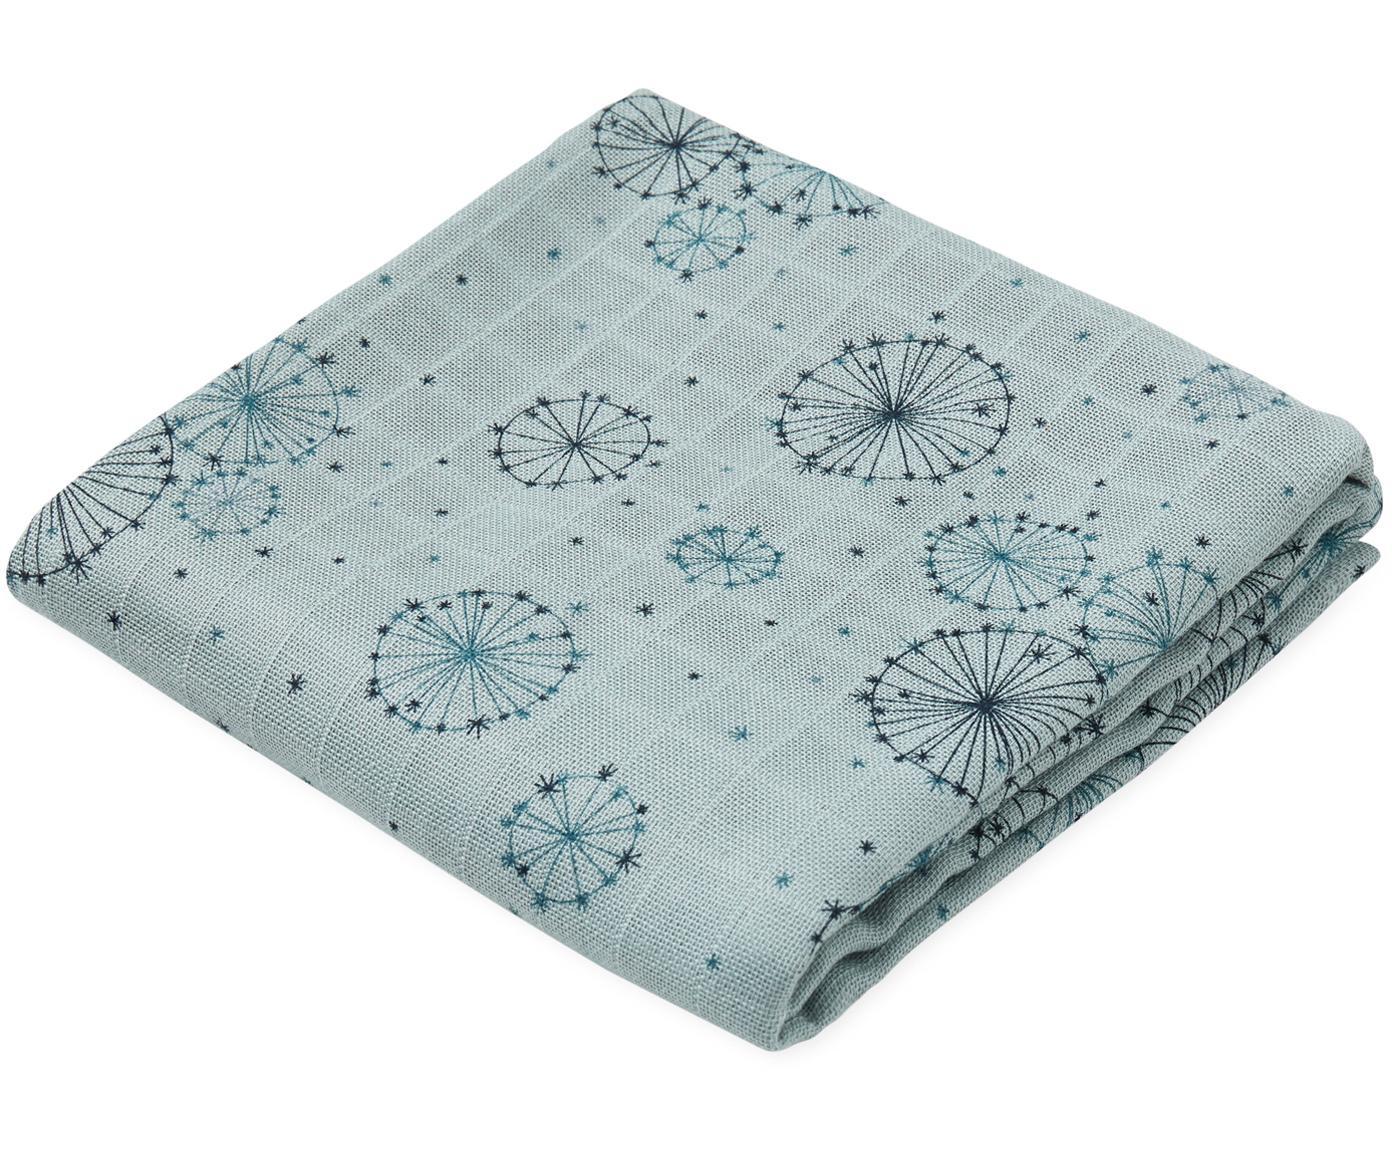 Mulltücher Dandelion aus Bio-Baumwolle, 2 Stück, Bio-Baumwolle, GOTS-zertifiziert, Blautöne, 70 x 70 cm